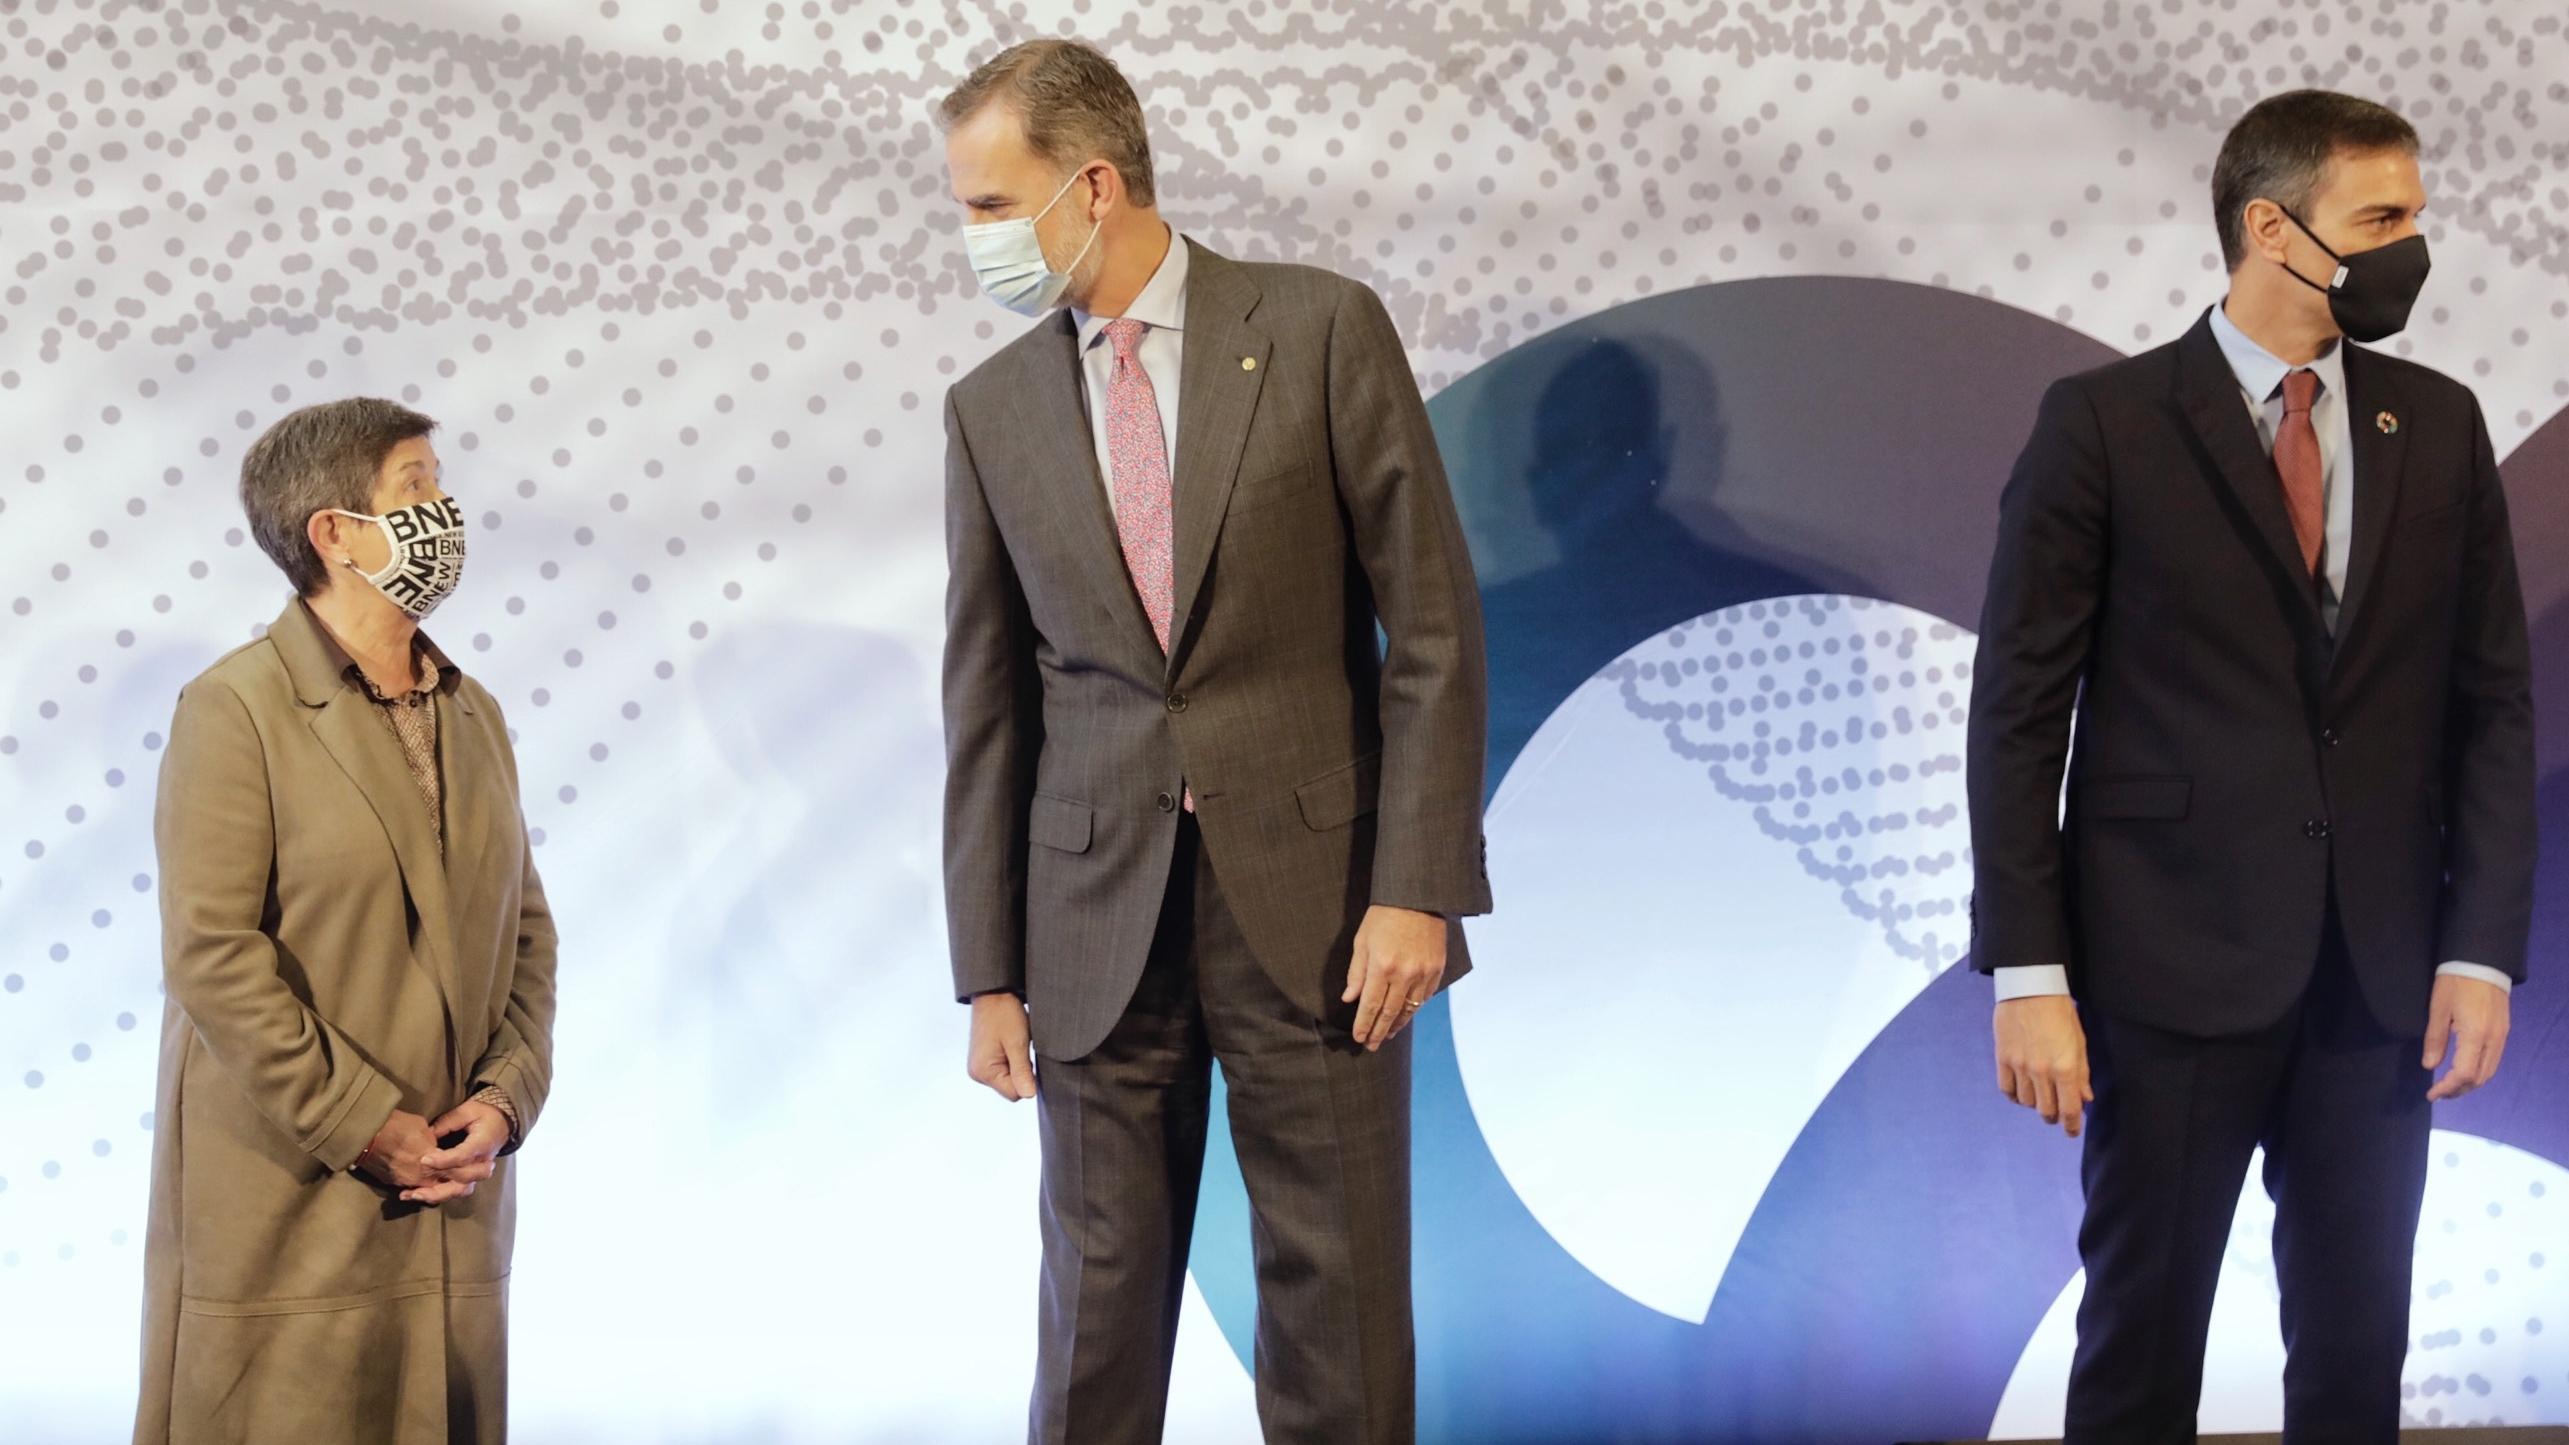 El Rey Pide En Barcelona Unidad Para El Desarrollo Economico Tras La Crisis Cataluna El Pais